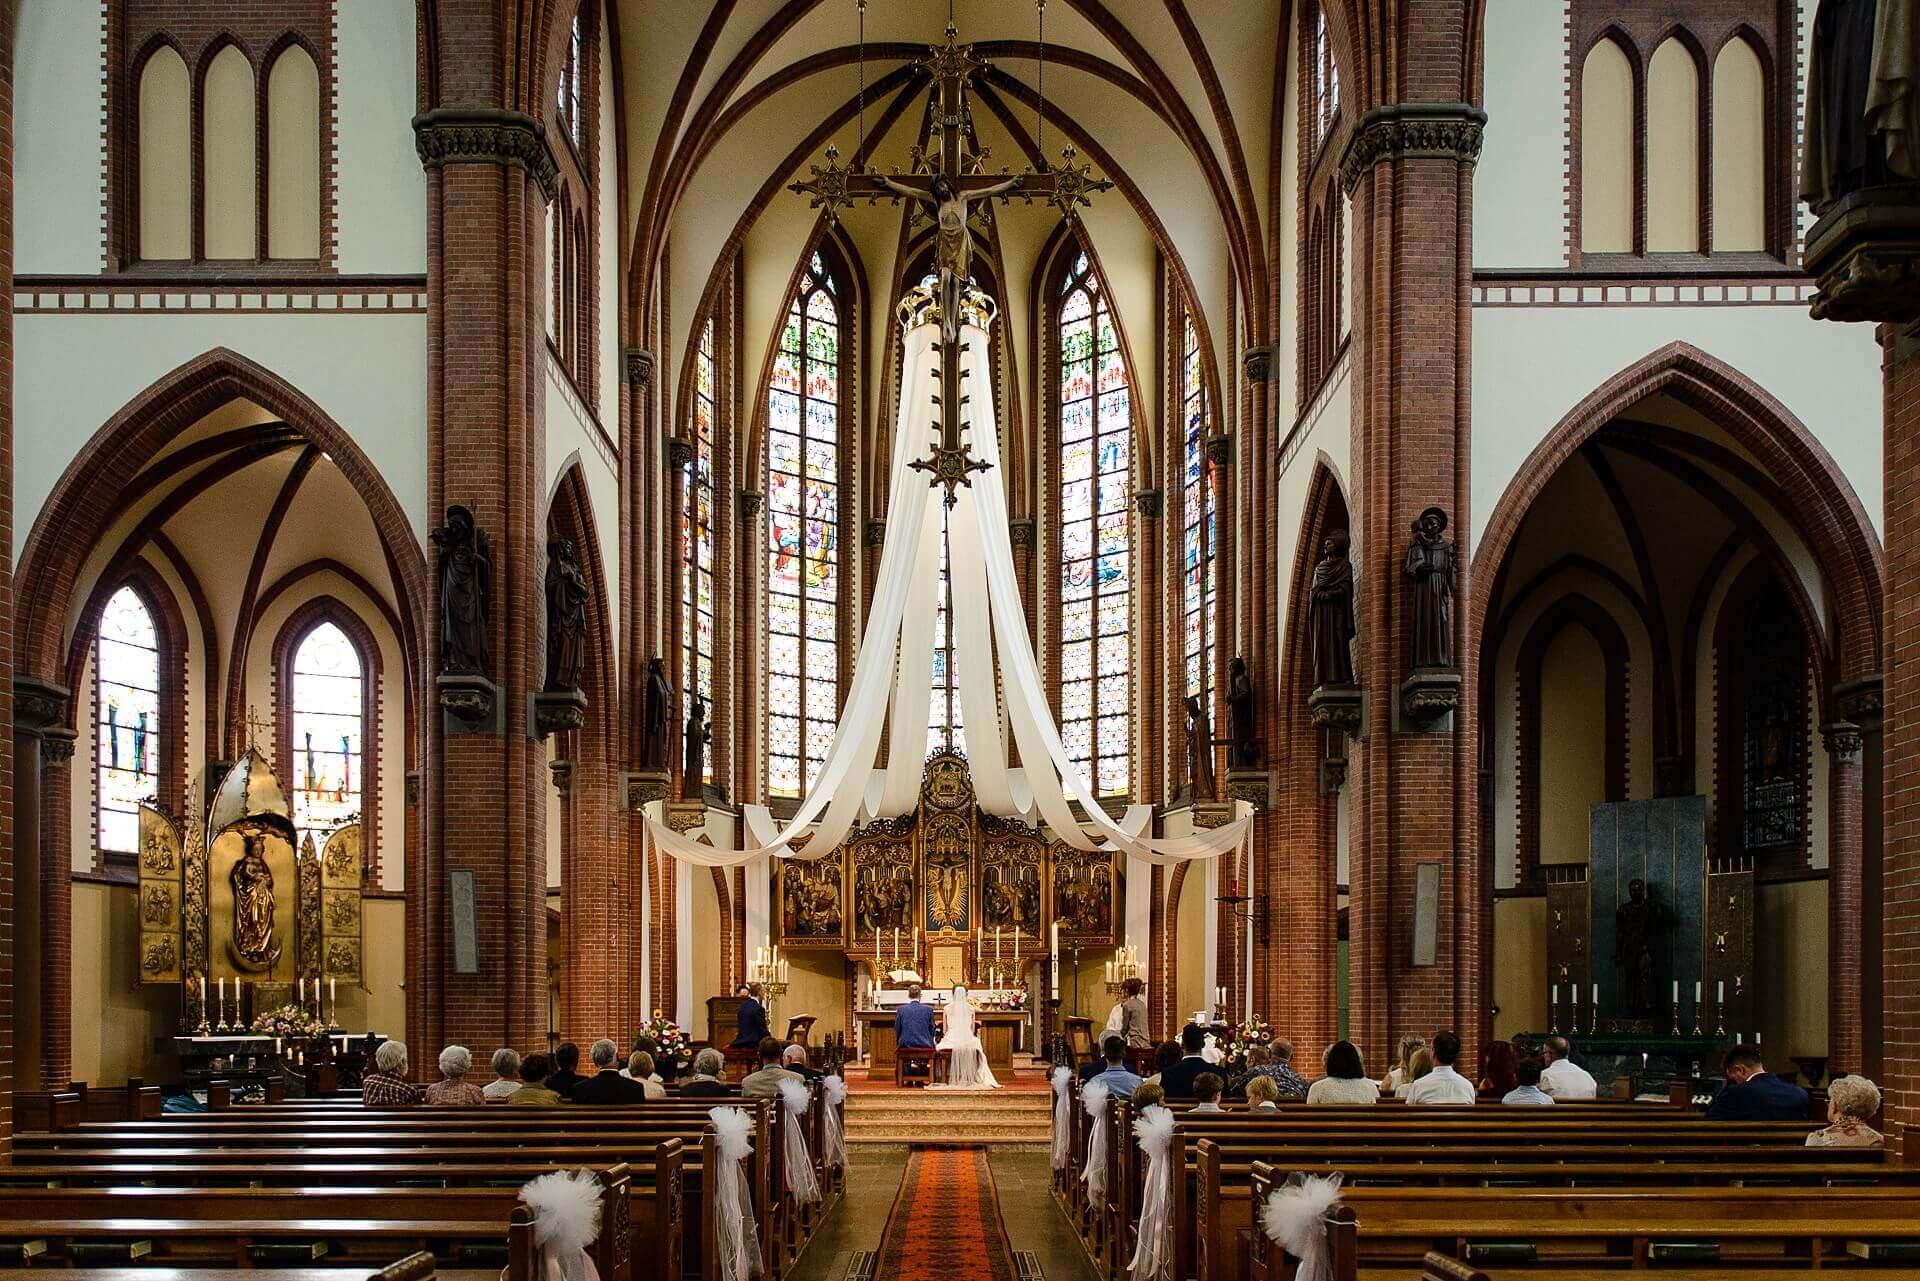 2017,De Hoeve,Huwelijk,Jochumhof,Martinus kerk Tegelen,Tegelen,Venlo,